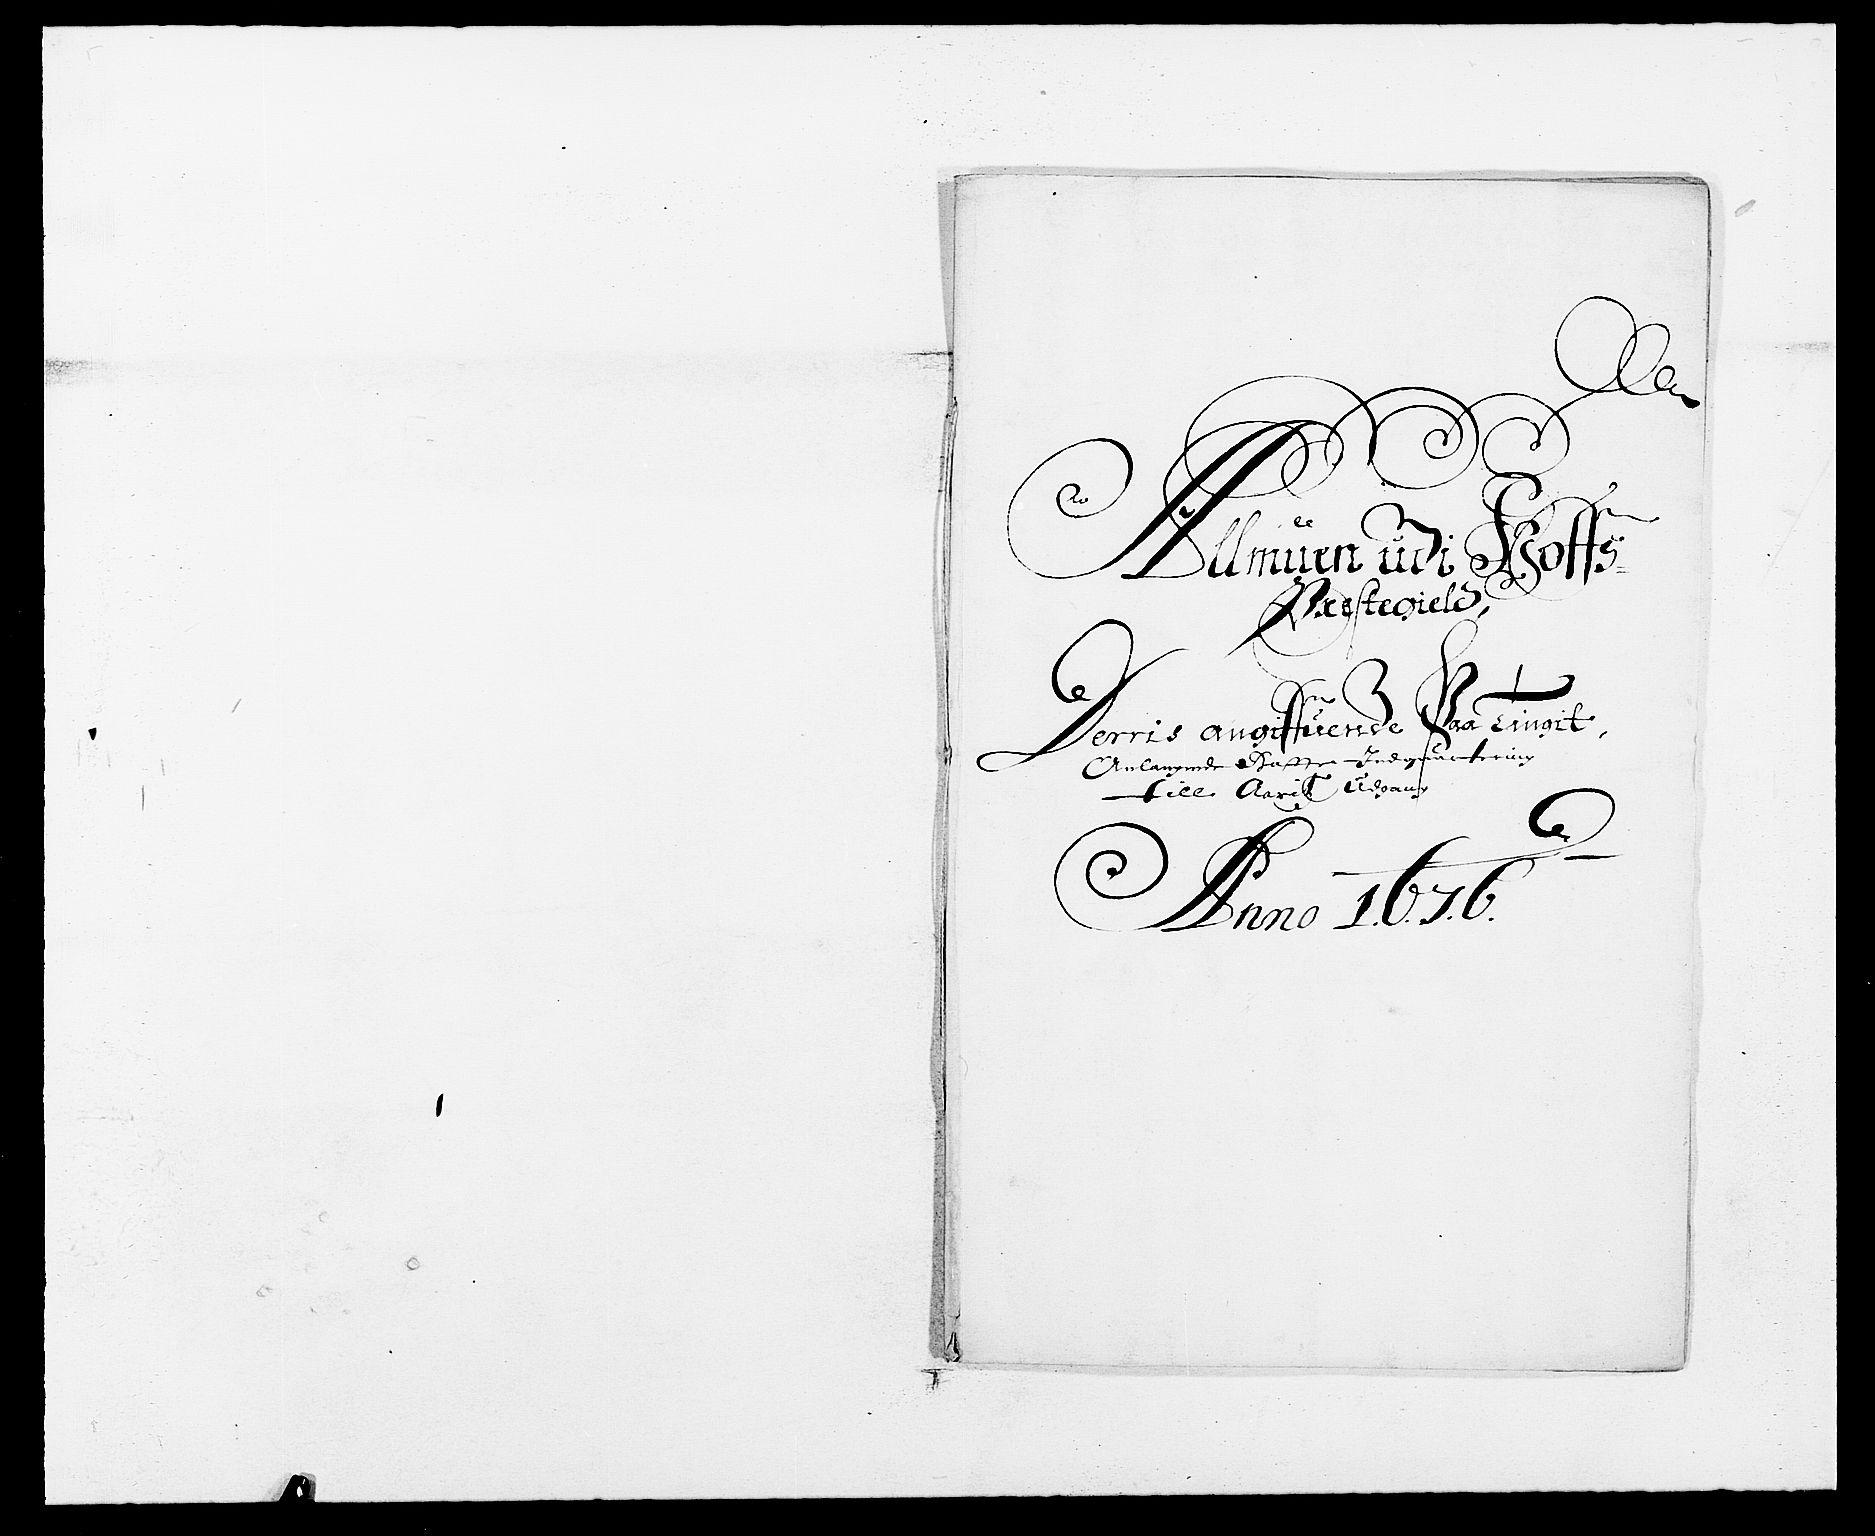 RA, Rentekammeret inntil 1814, Reviderte regnskaper, Fogderegnskap, R13/L0812: Fogderegnskap Solør, Odal og Østerdal, 1676, s. 128